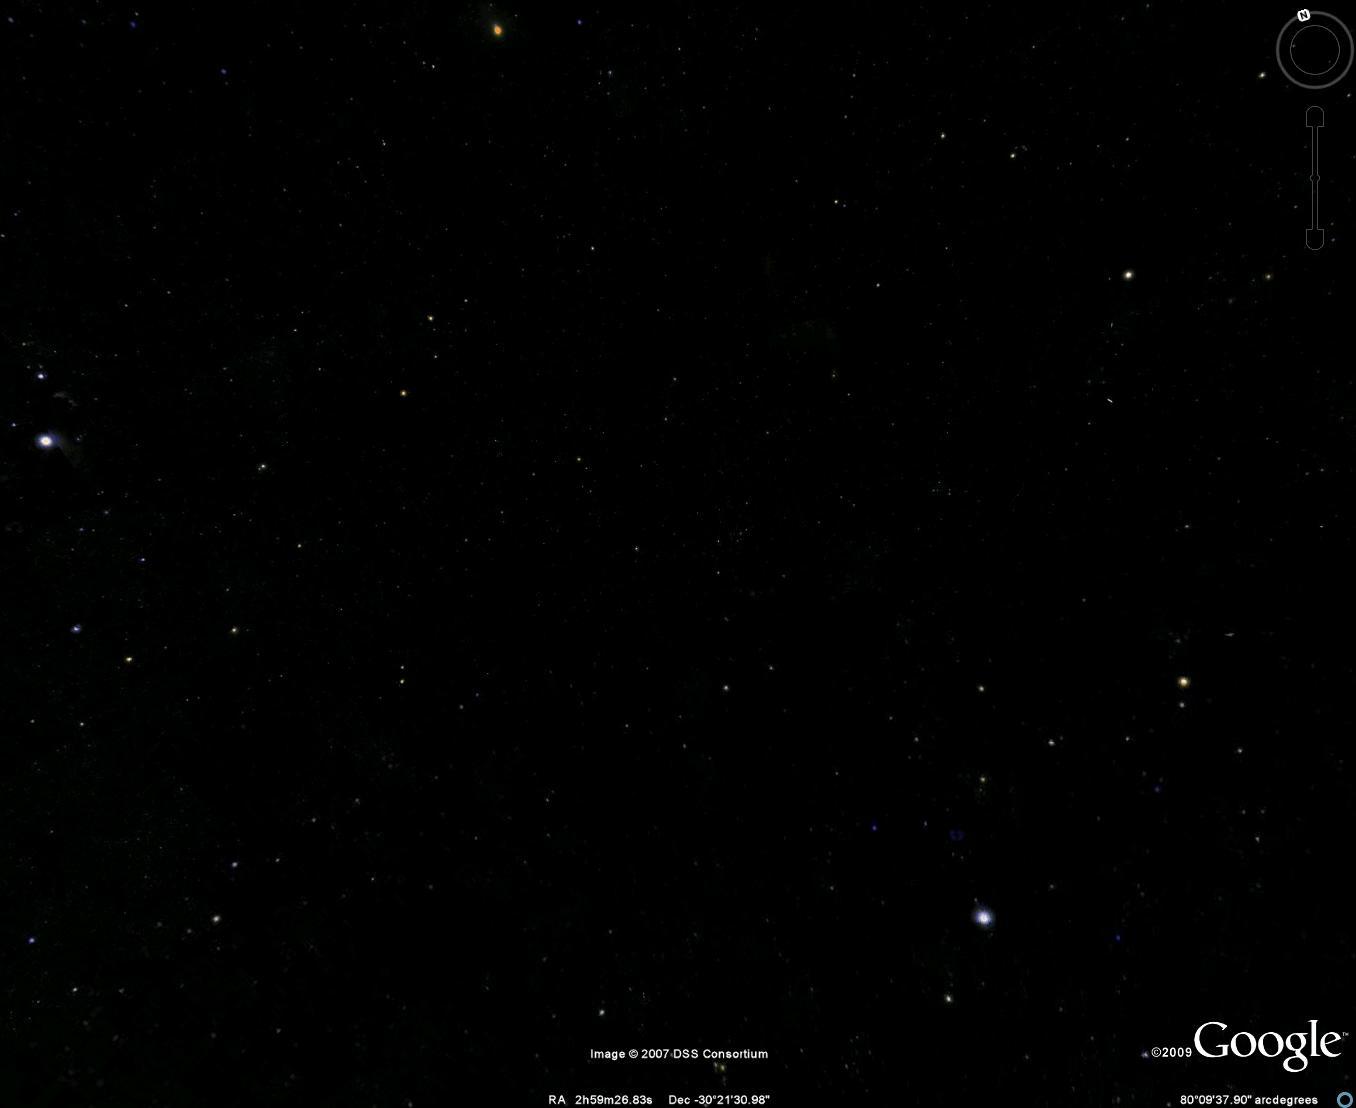 السماء بالتلسكوبات العادية (إضغط لتكبير الصورة)